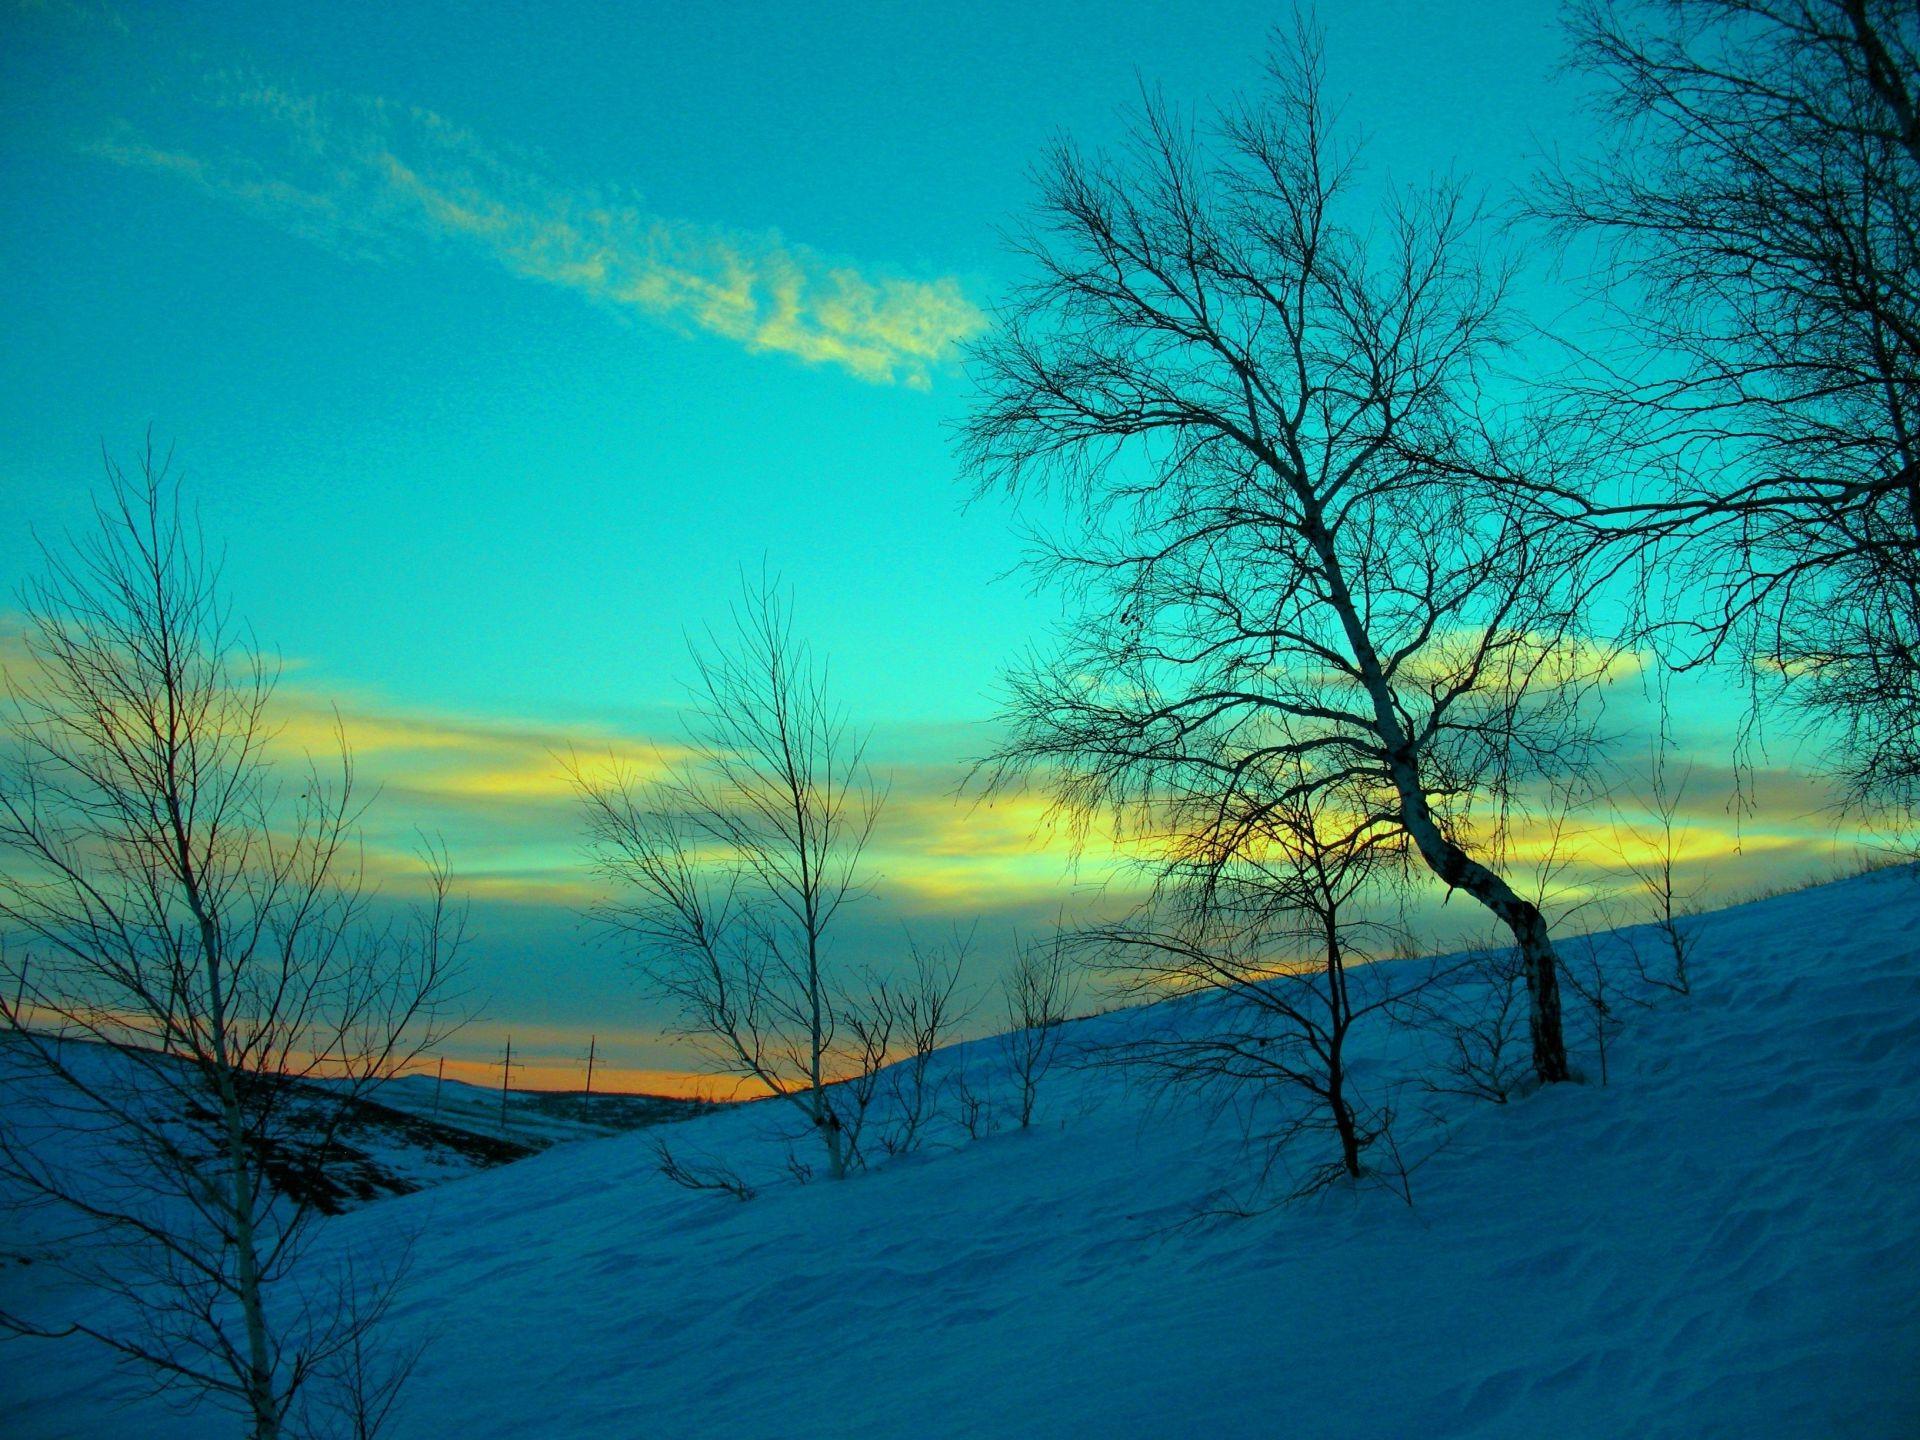 Март снег зима холод мороз вечер небо